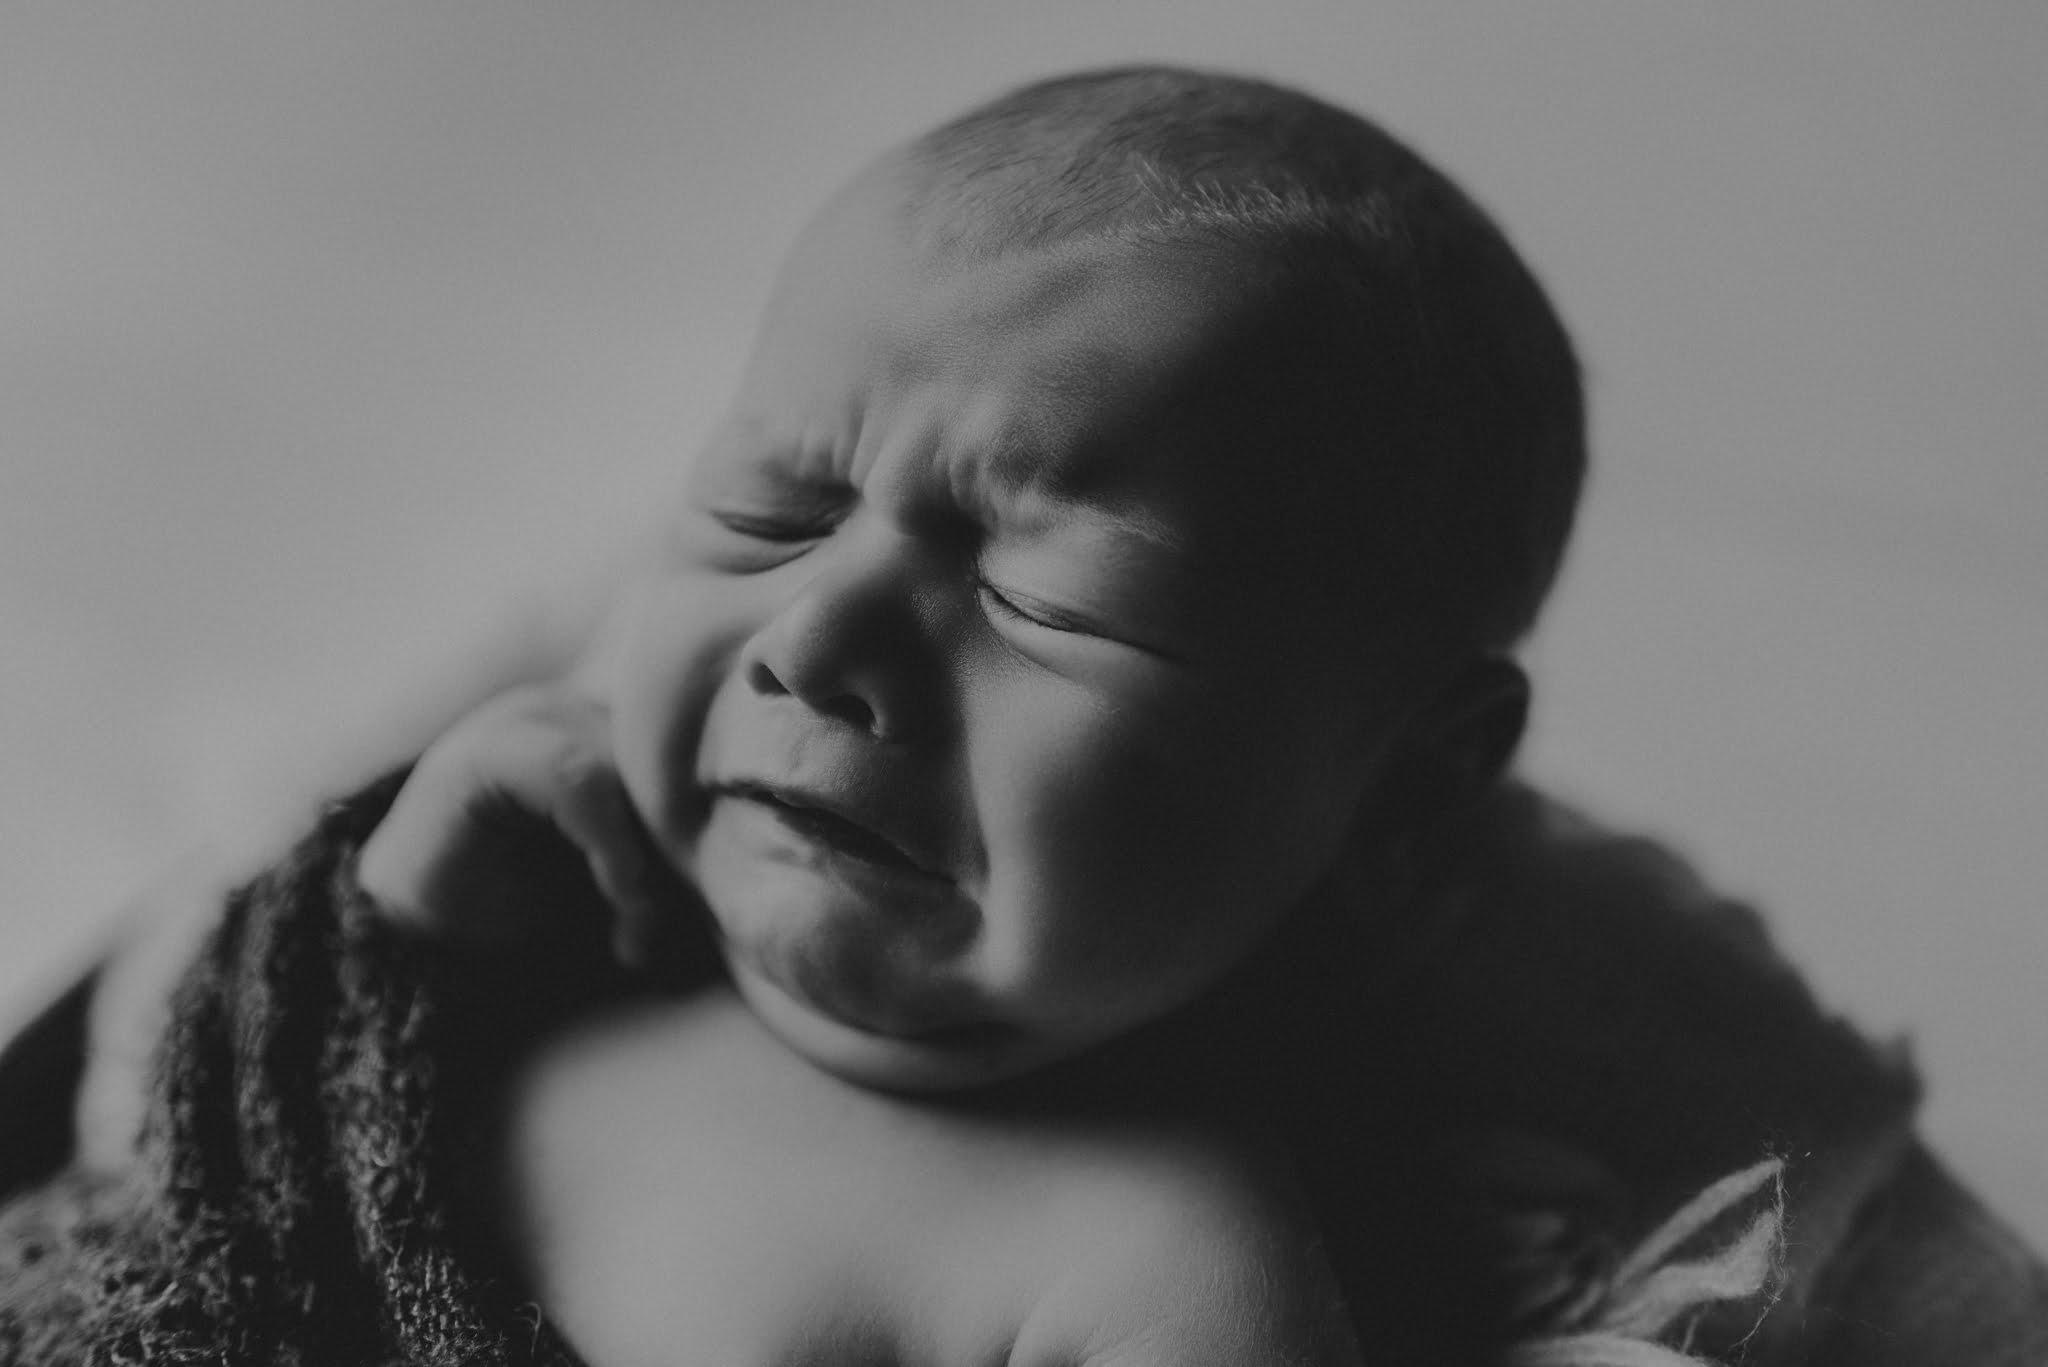 Nyföddfotografering - Louie 7